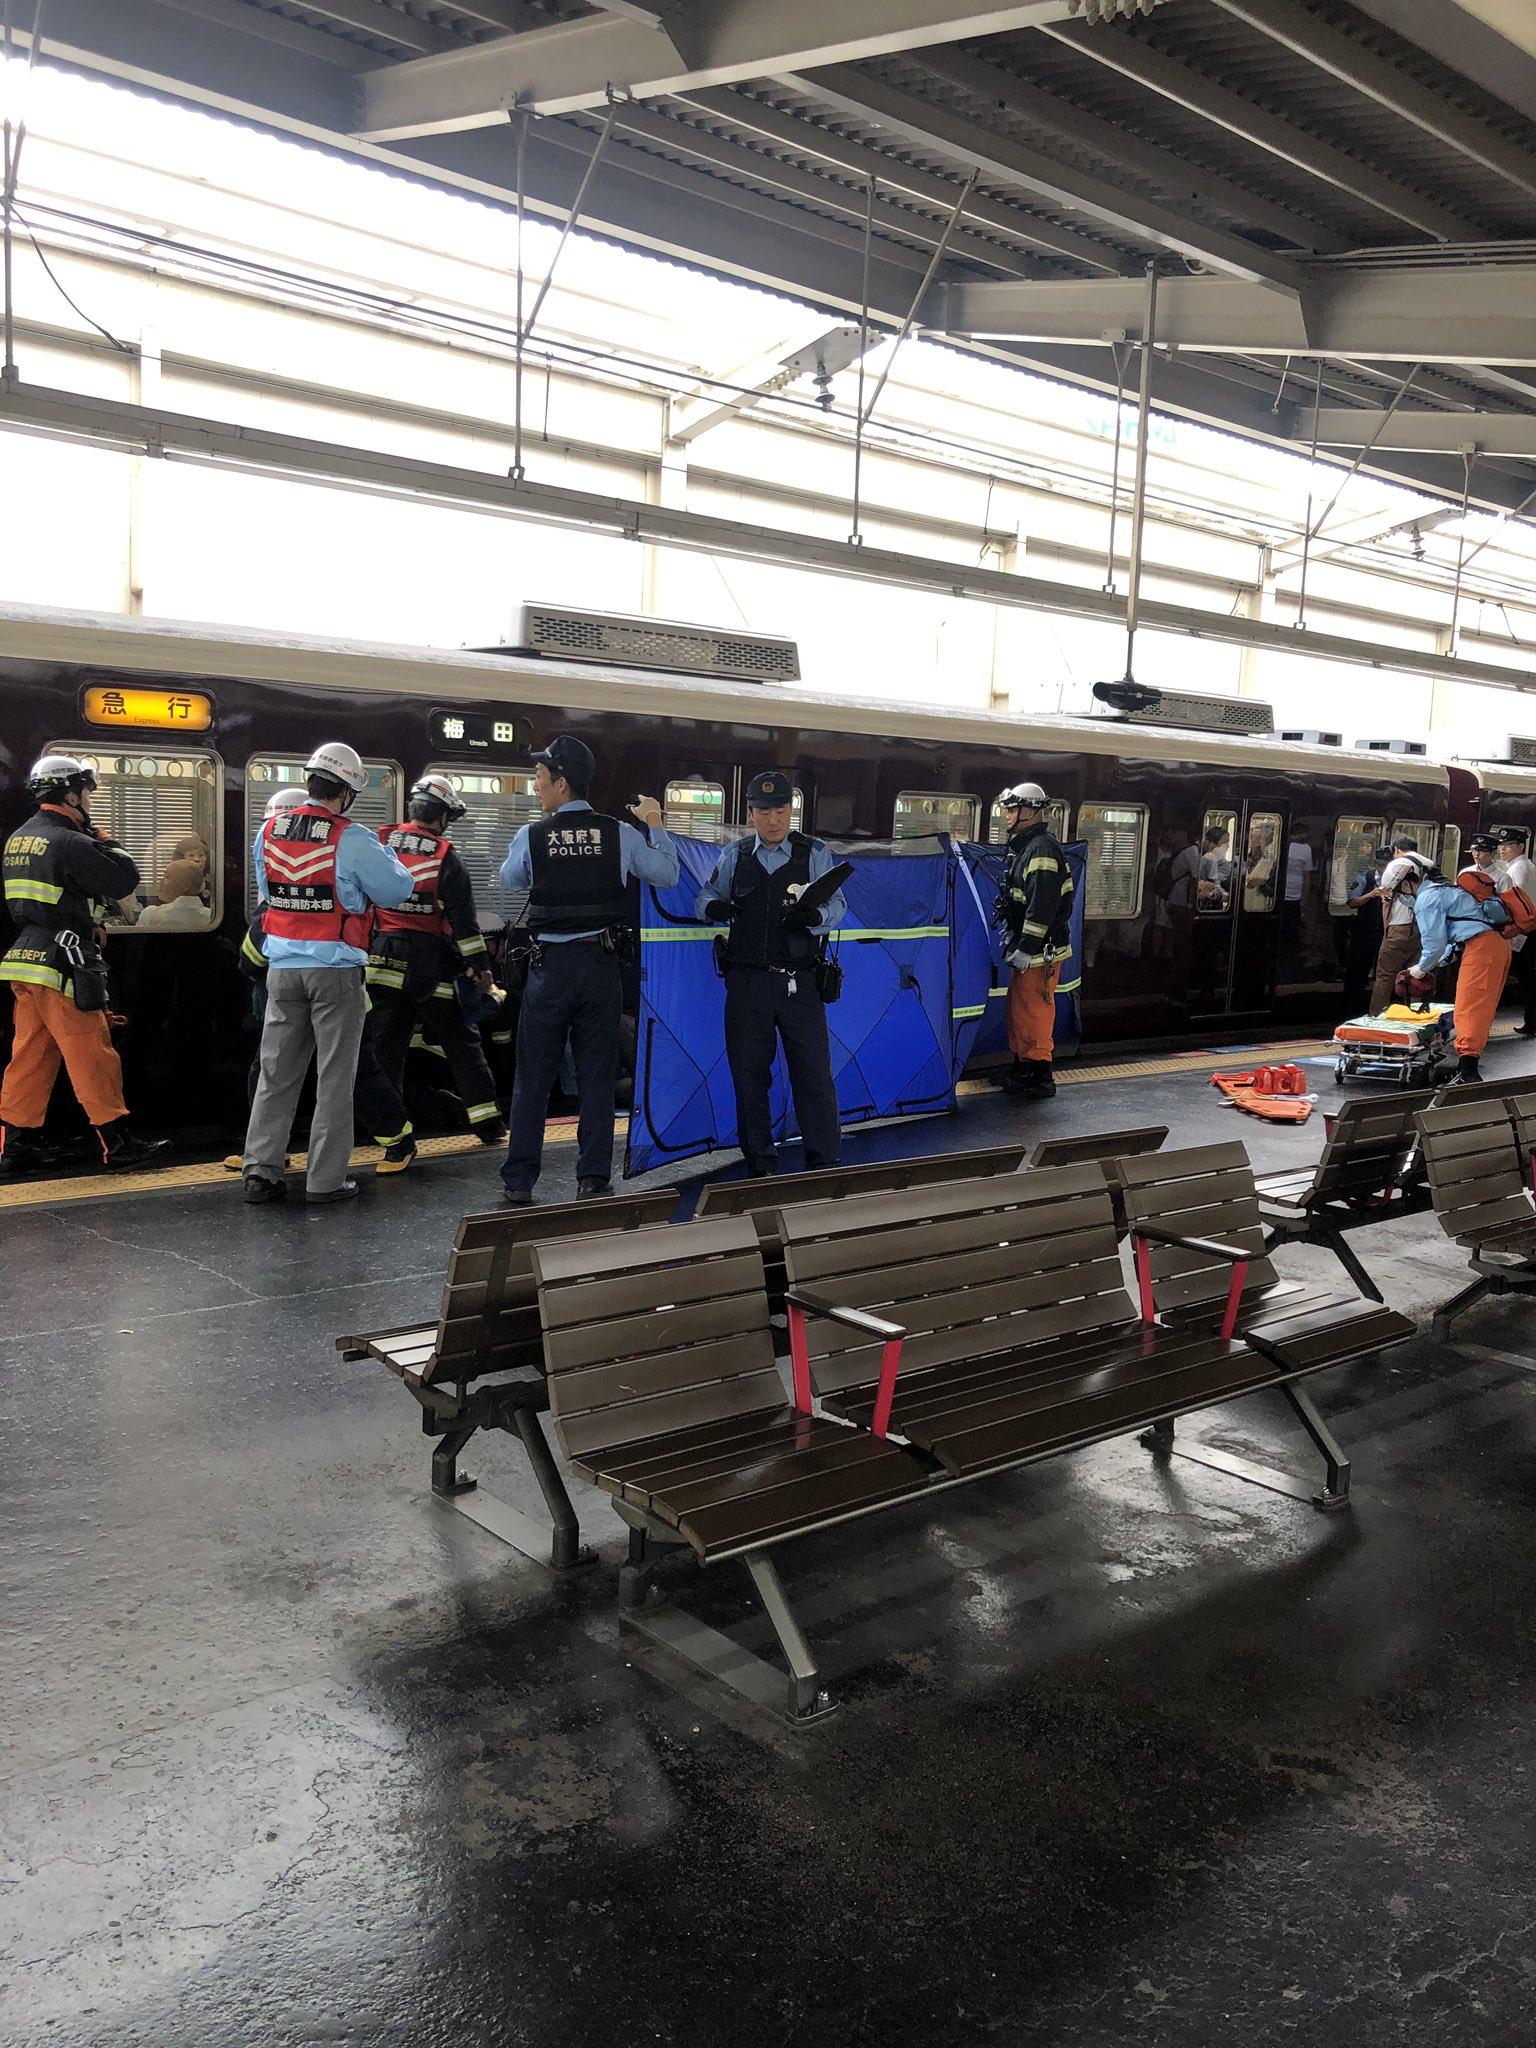 池田駅で人身事故「電車と接触しバラバラ」宝塚線が大混雑 飛び込みか